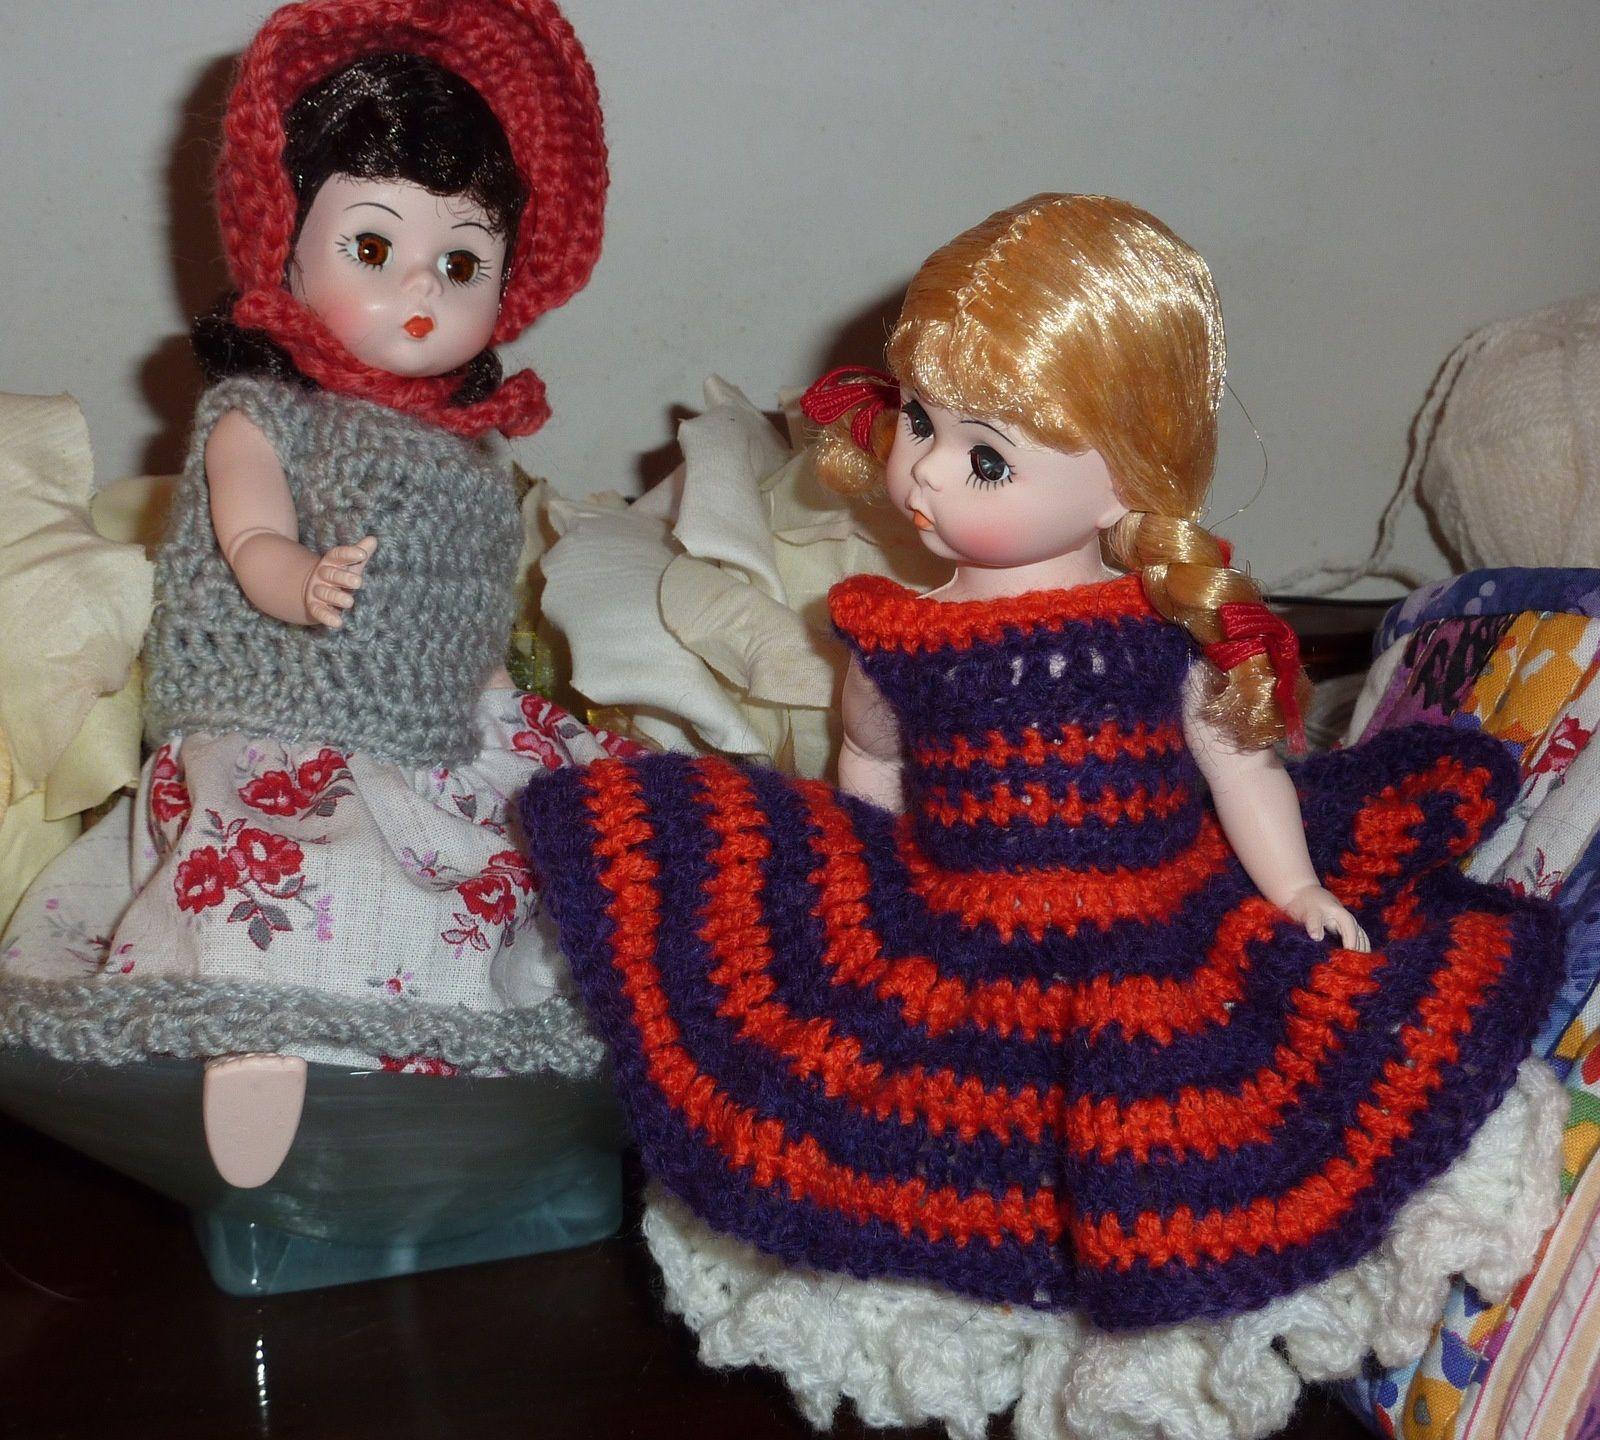 Qu'en penses-tu Odile, ça lui plairait pas à Patsy un petit modèle comme ceux du site ??